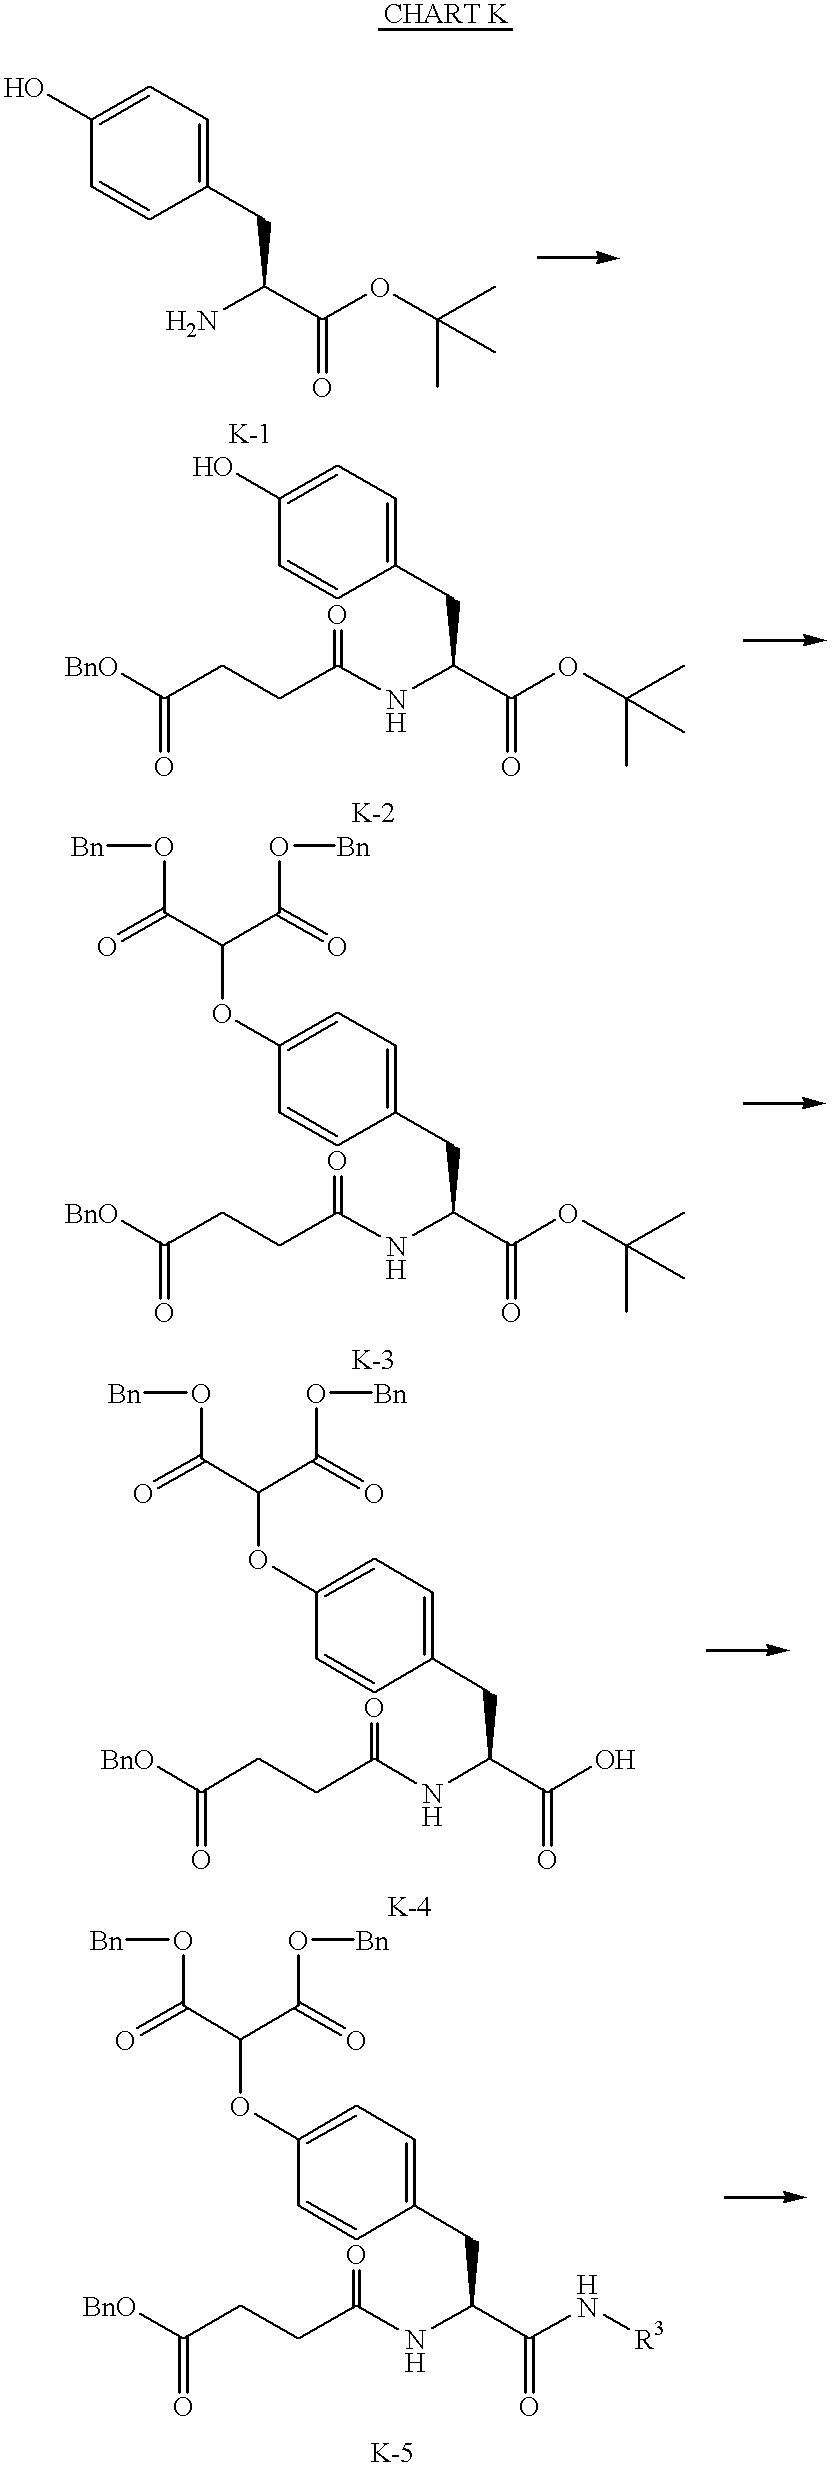 Figure US06410585-20020625-C00044